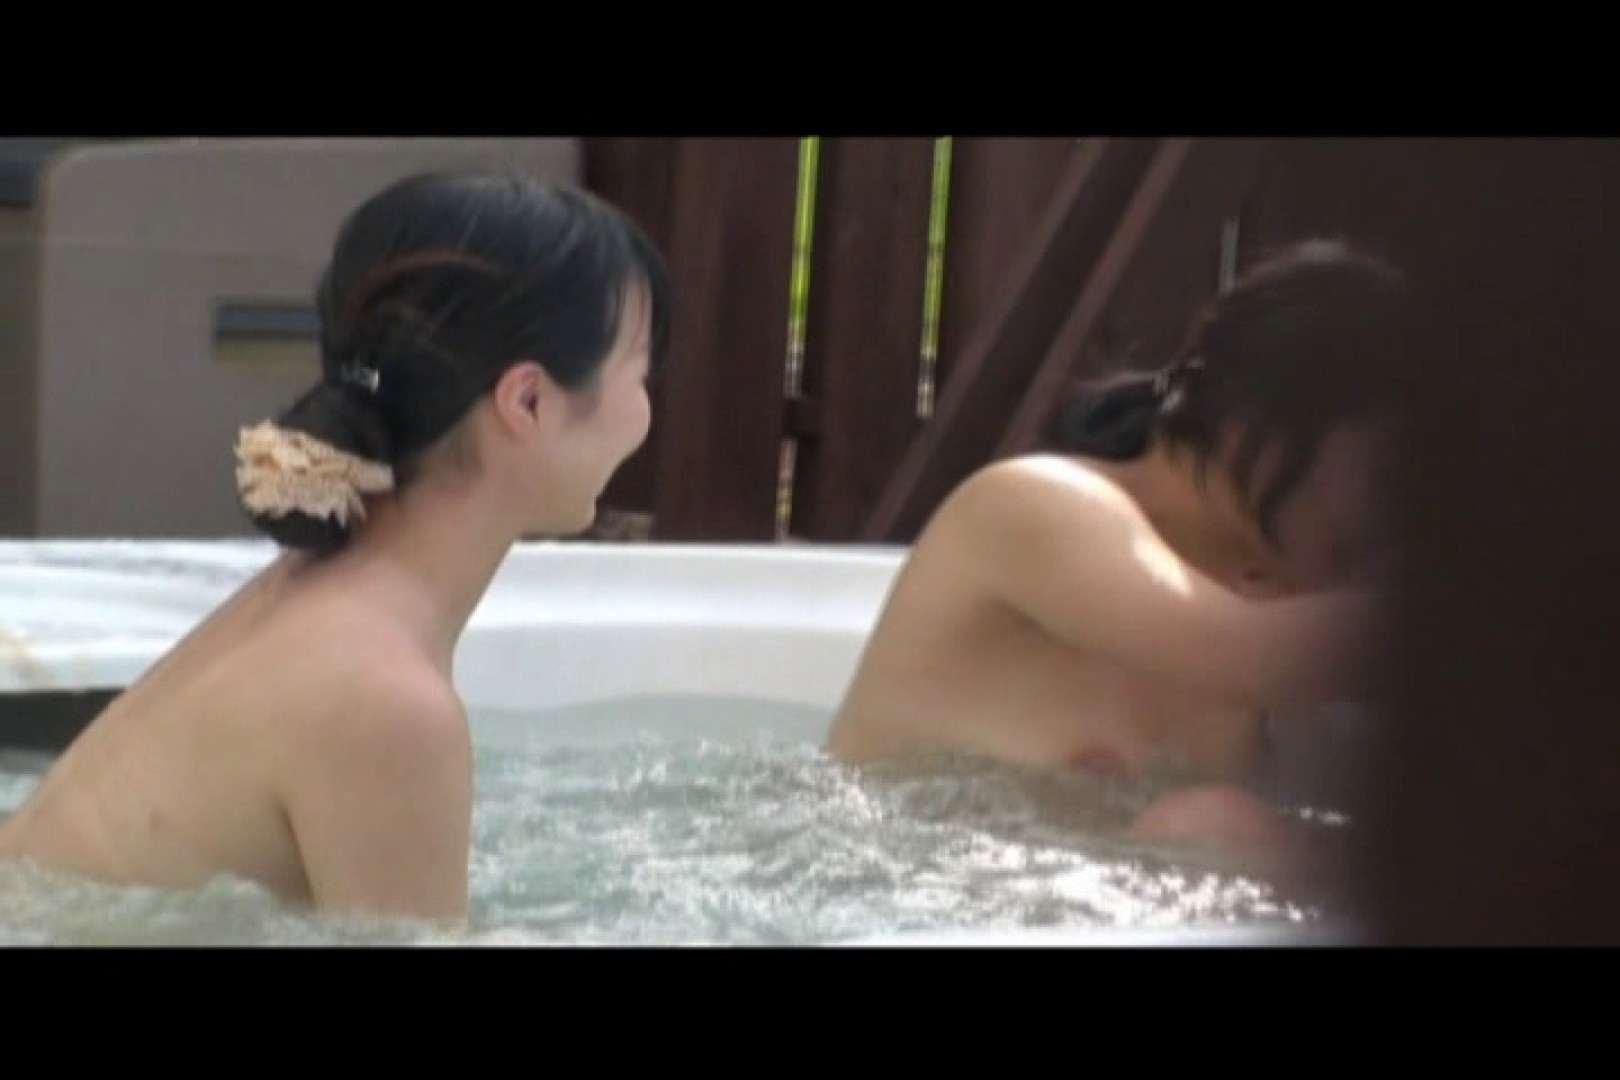 貸切露天 発情カップル! vol.07 露天  61PIX 5